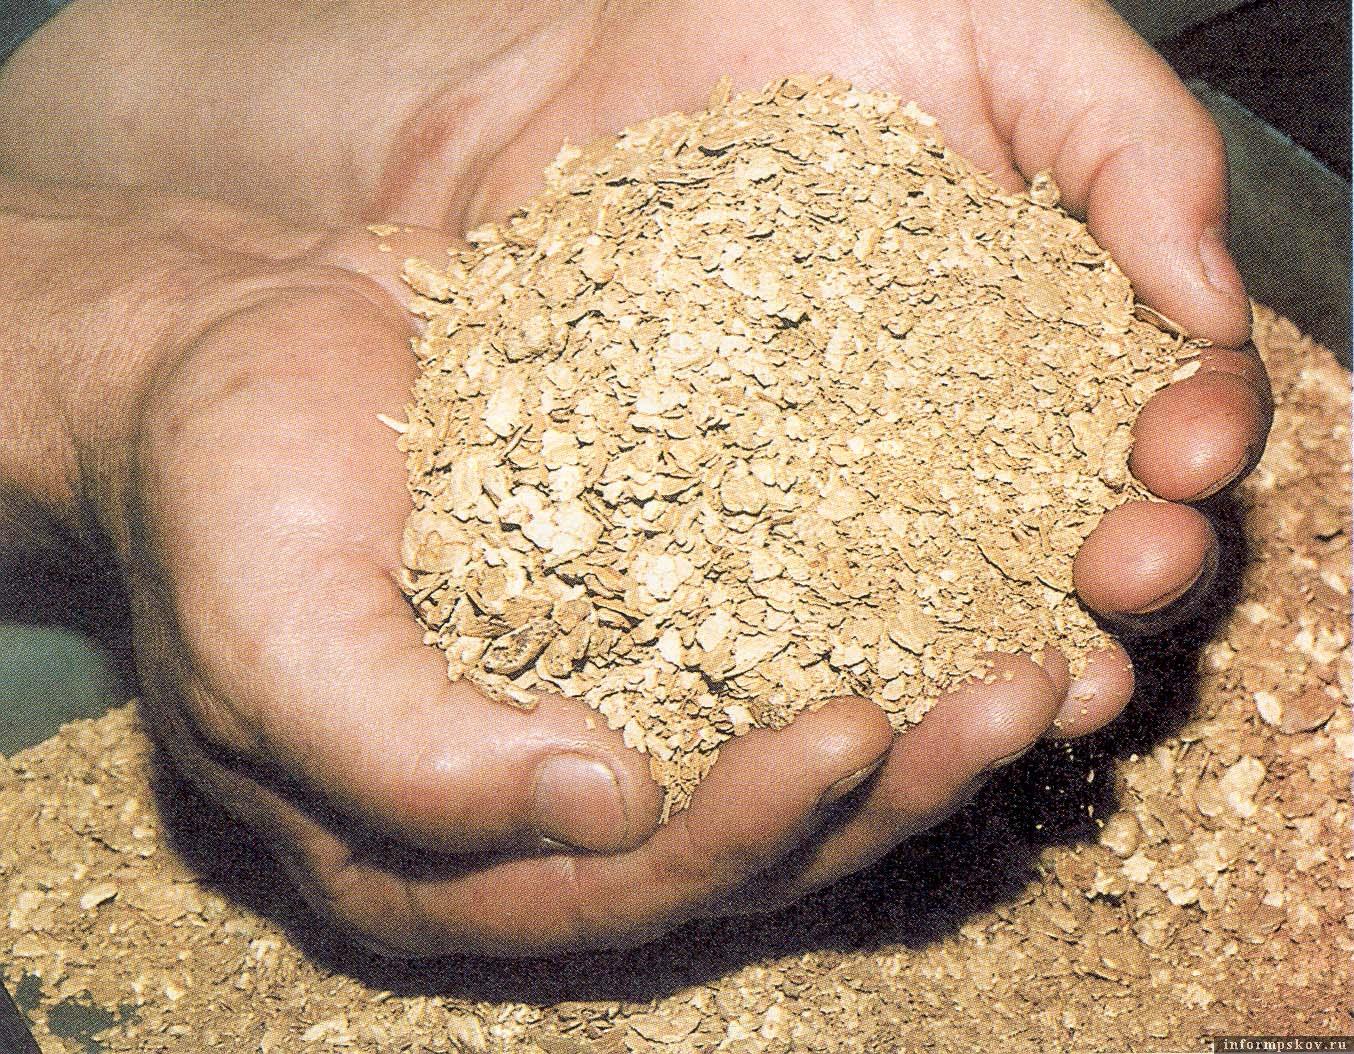 Инвестор планирует расширить объёмы производства за счёт переработки золотосодержащего сырья. Фото из архива героев публикации.